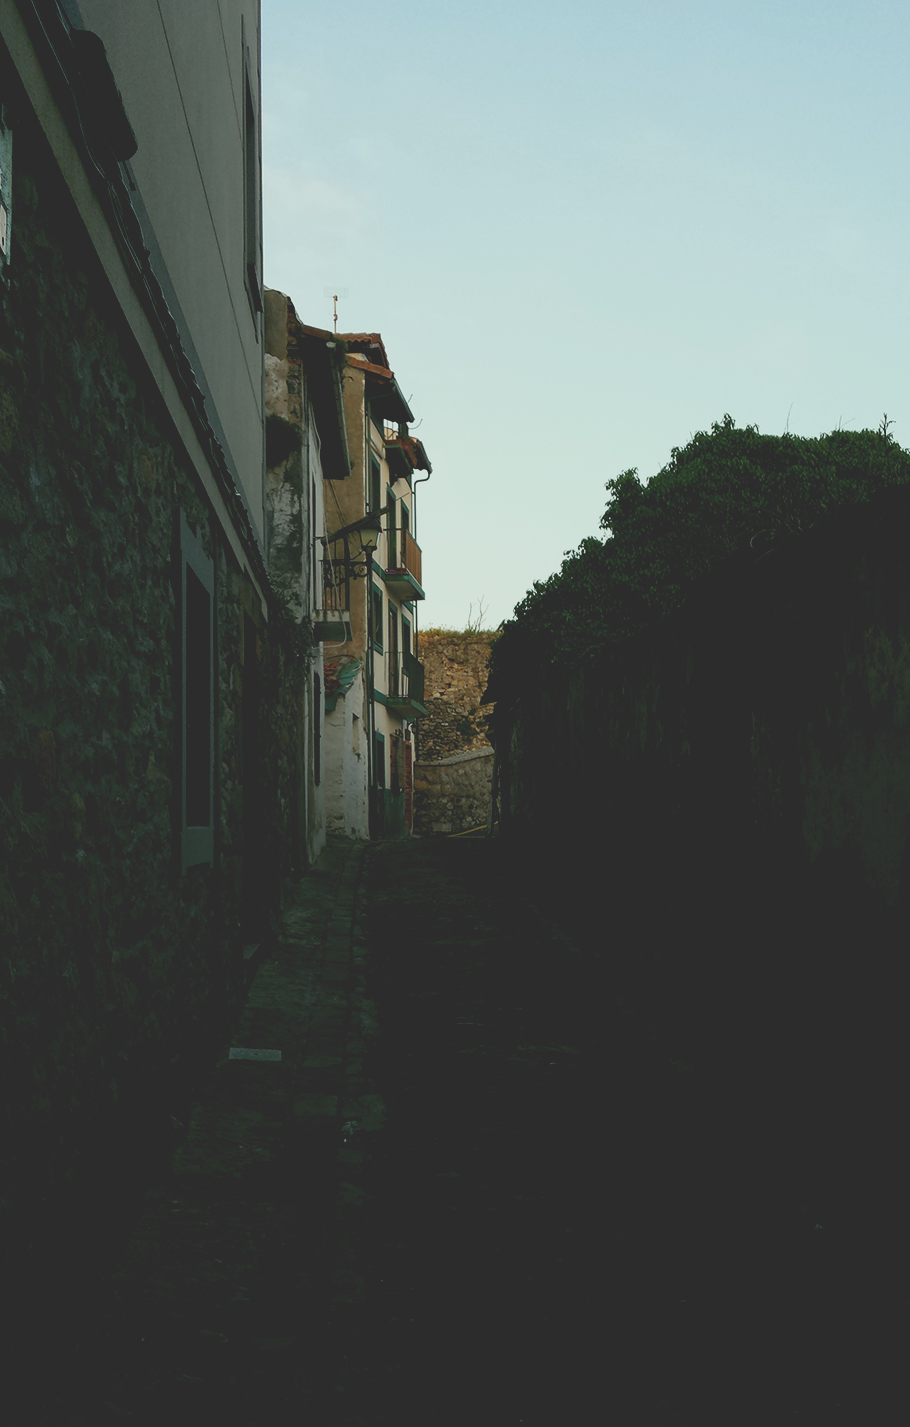 lifestyle y fotografía, calles, caminos y carreteras